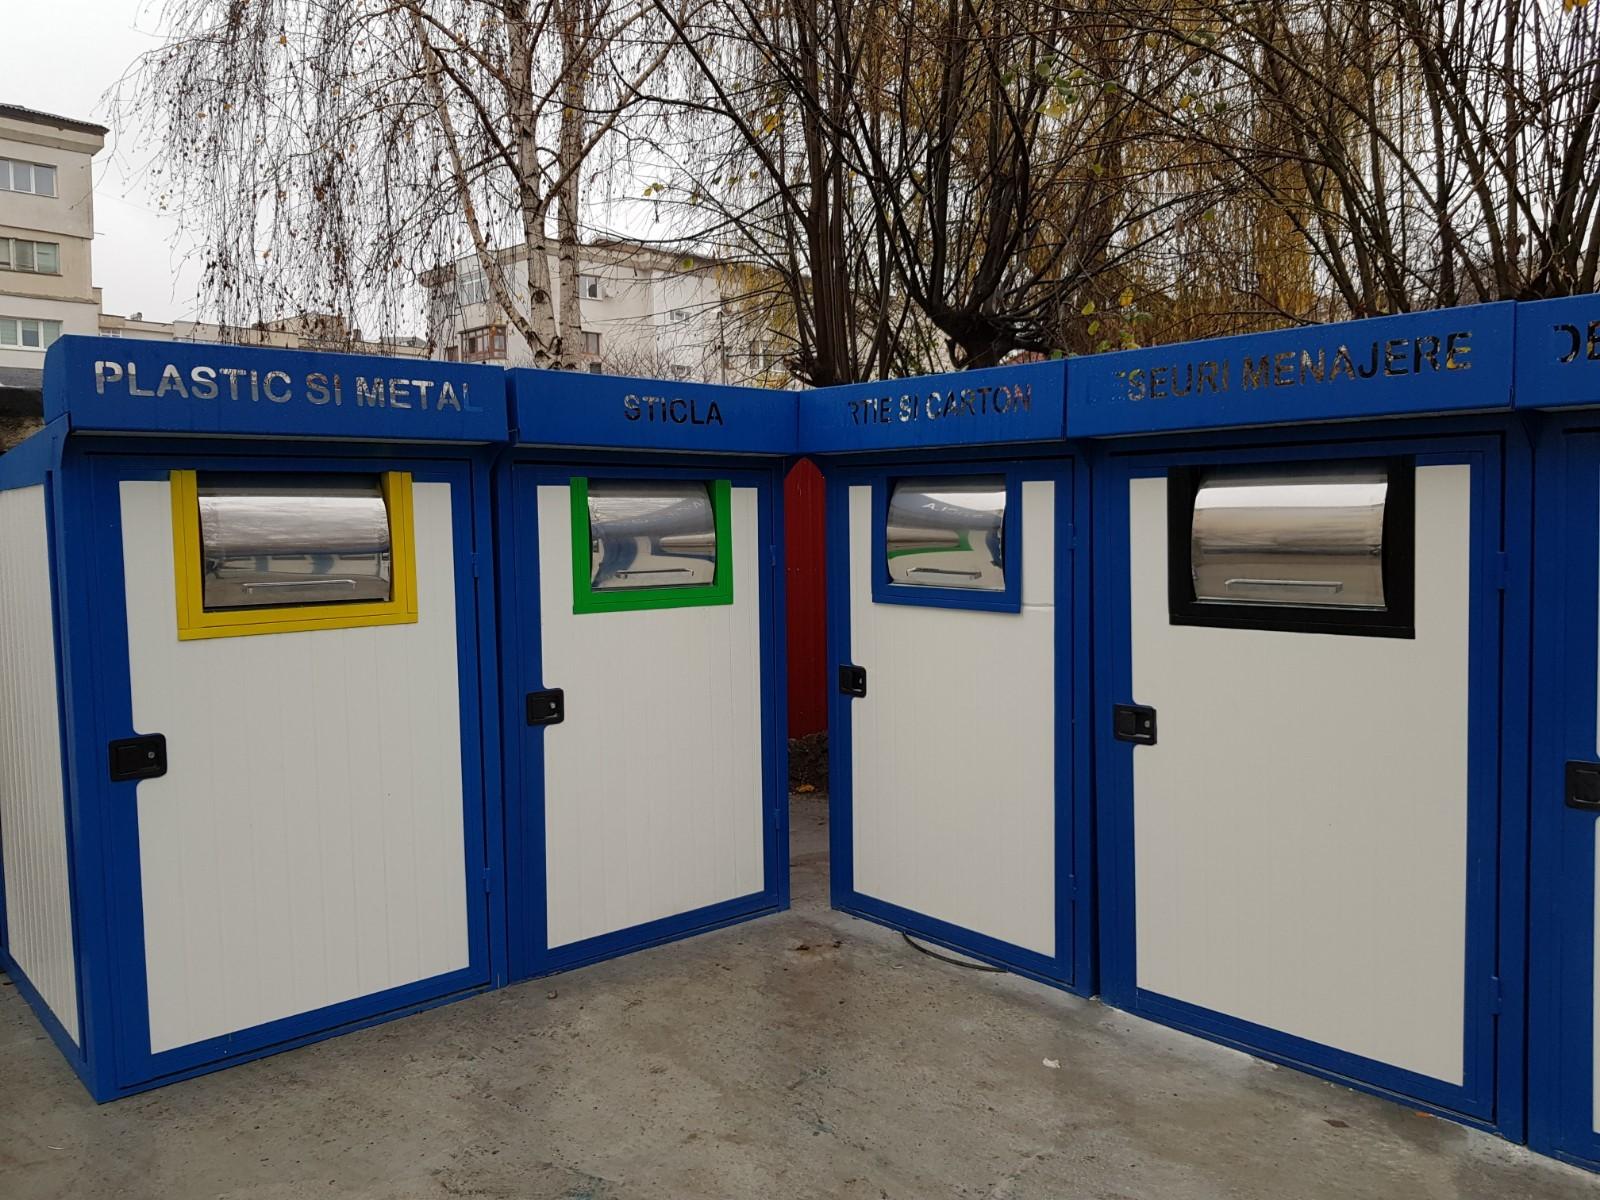 Primăria Orașului Lipova pregătește o nouă investiție pentru asigurarea de containere modulare în zonele de blocuri din Orașul Lipova